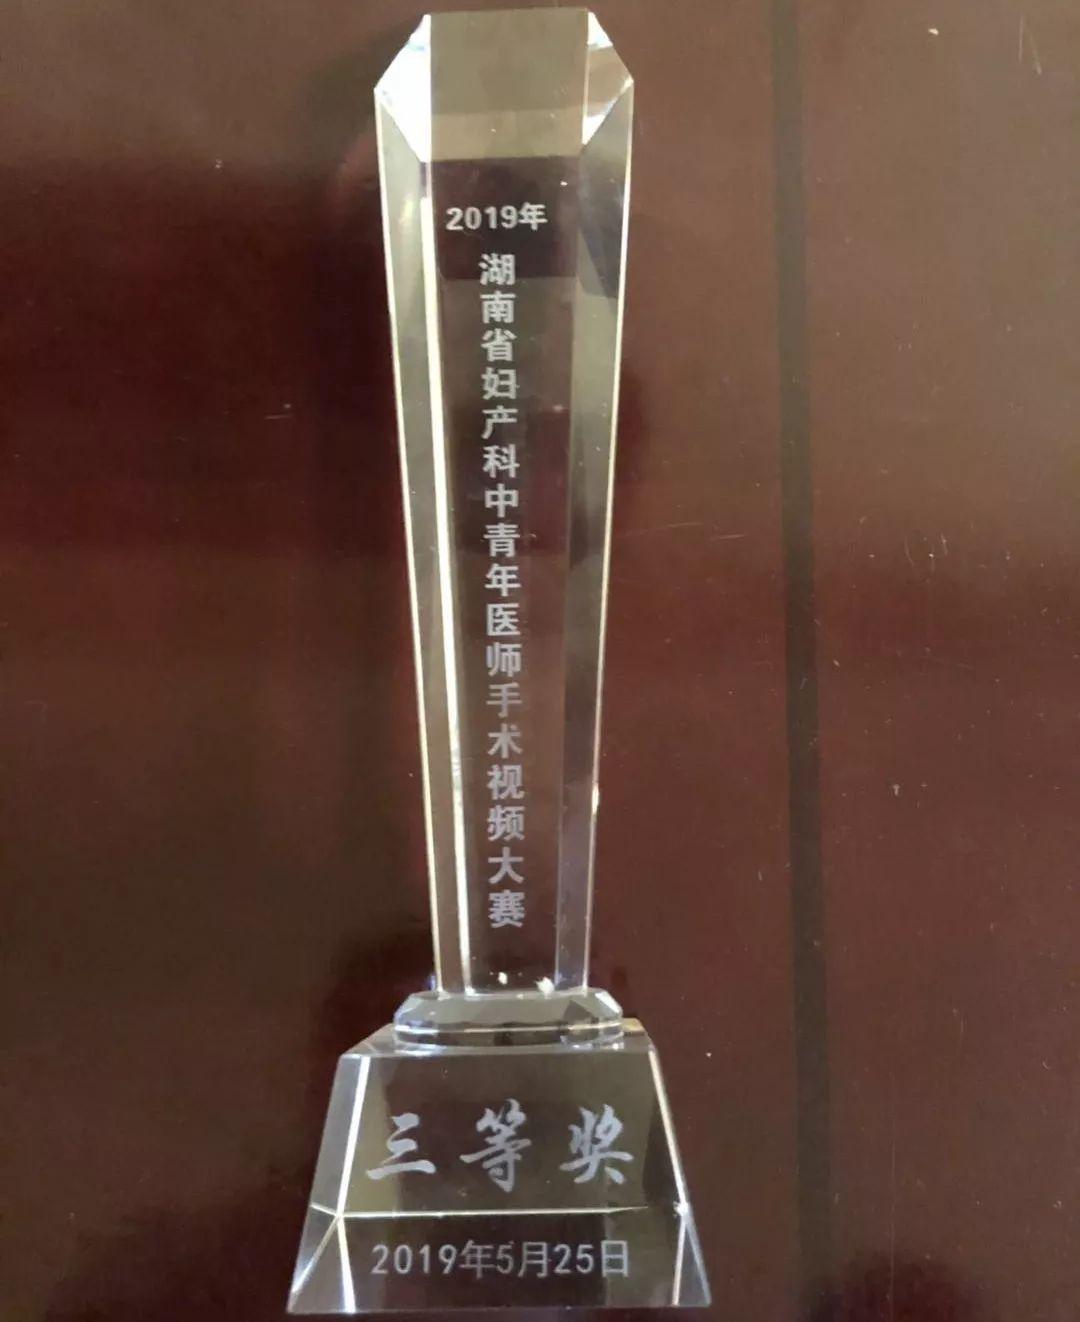 手术棒!视频制作也棒!常德石门县妇科人民医院素材白马视频图片